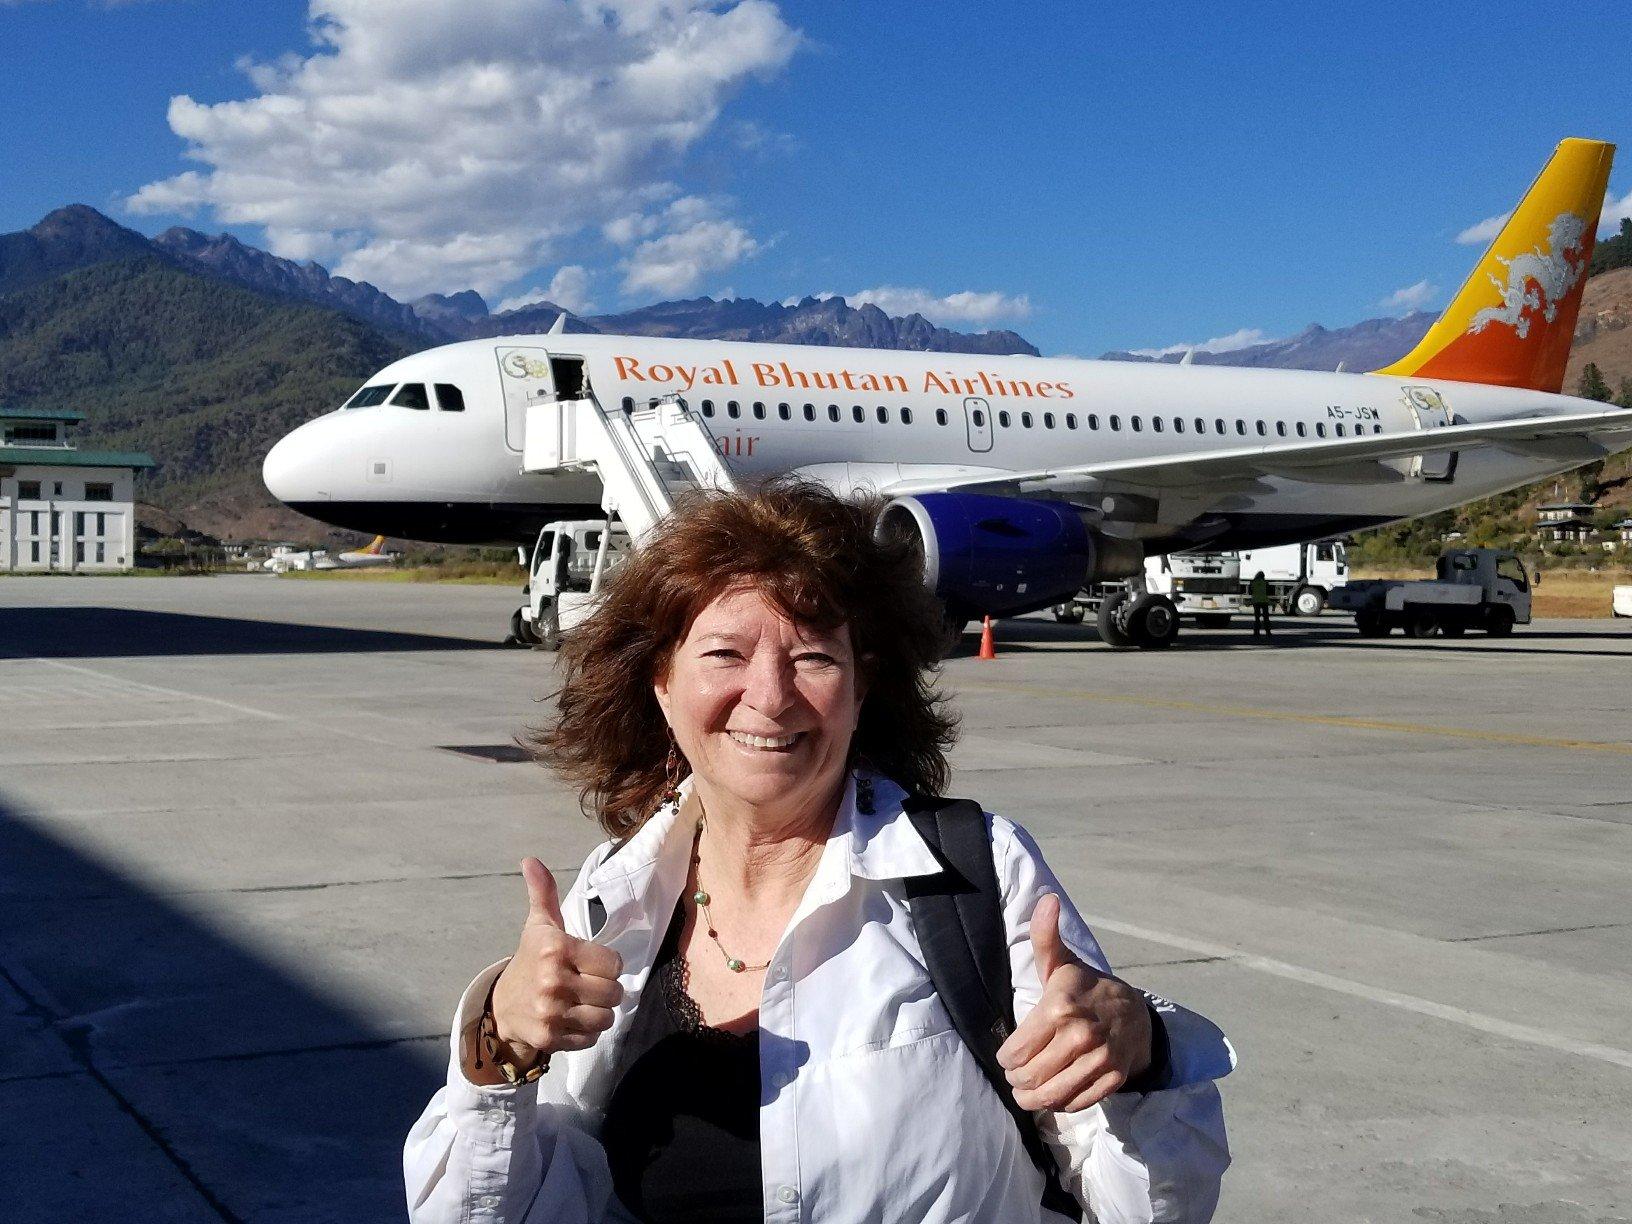 Bhutan plane ride .jpg